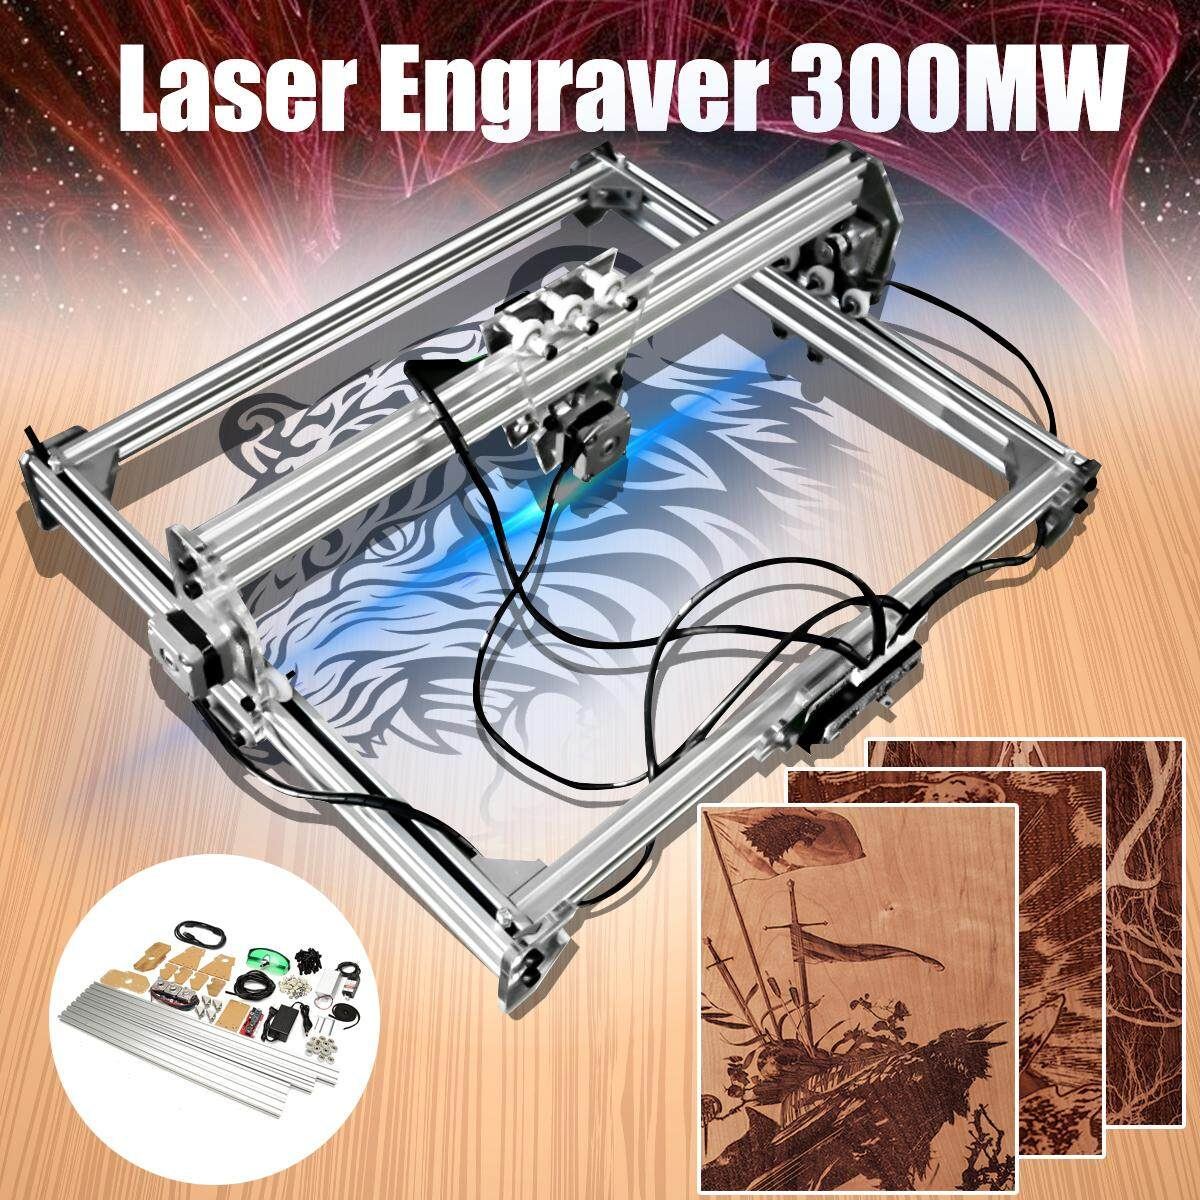 Diy Laser Mini Ukiran Mesin Pemotong Printer Komputer Kit Adjustable 500 Mw By Audew